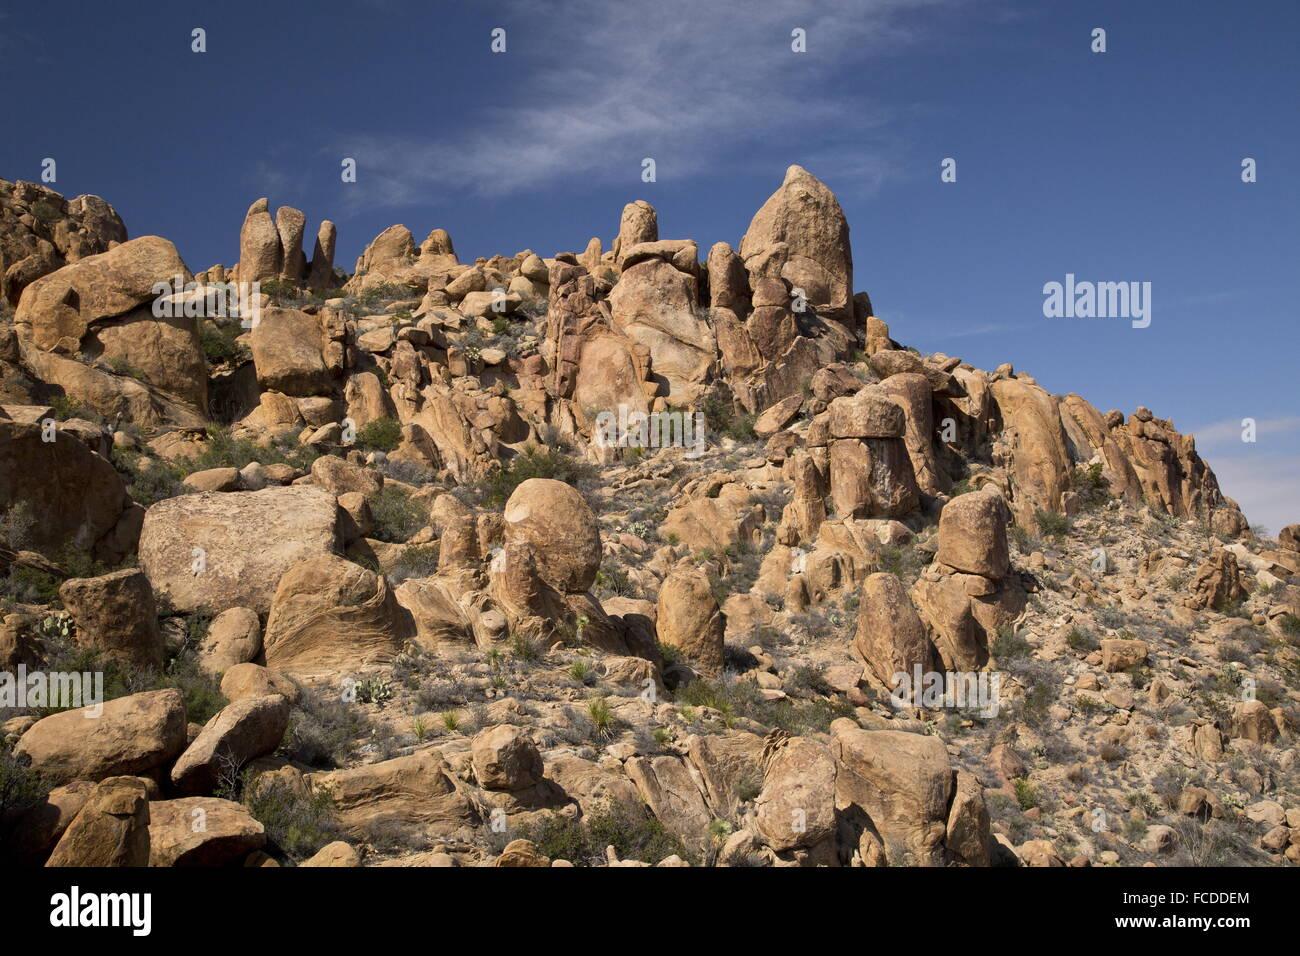 What Is Oolder Granite Or Gneiss Antarctica Rocks